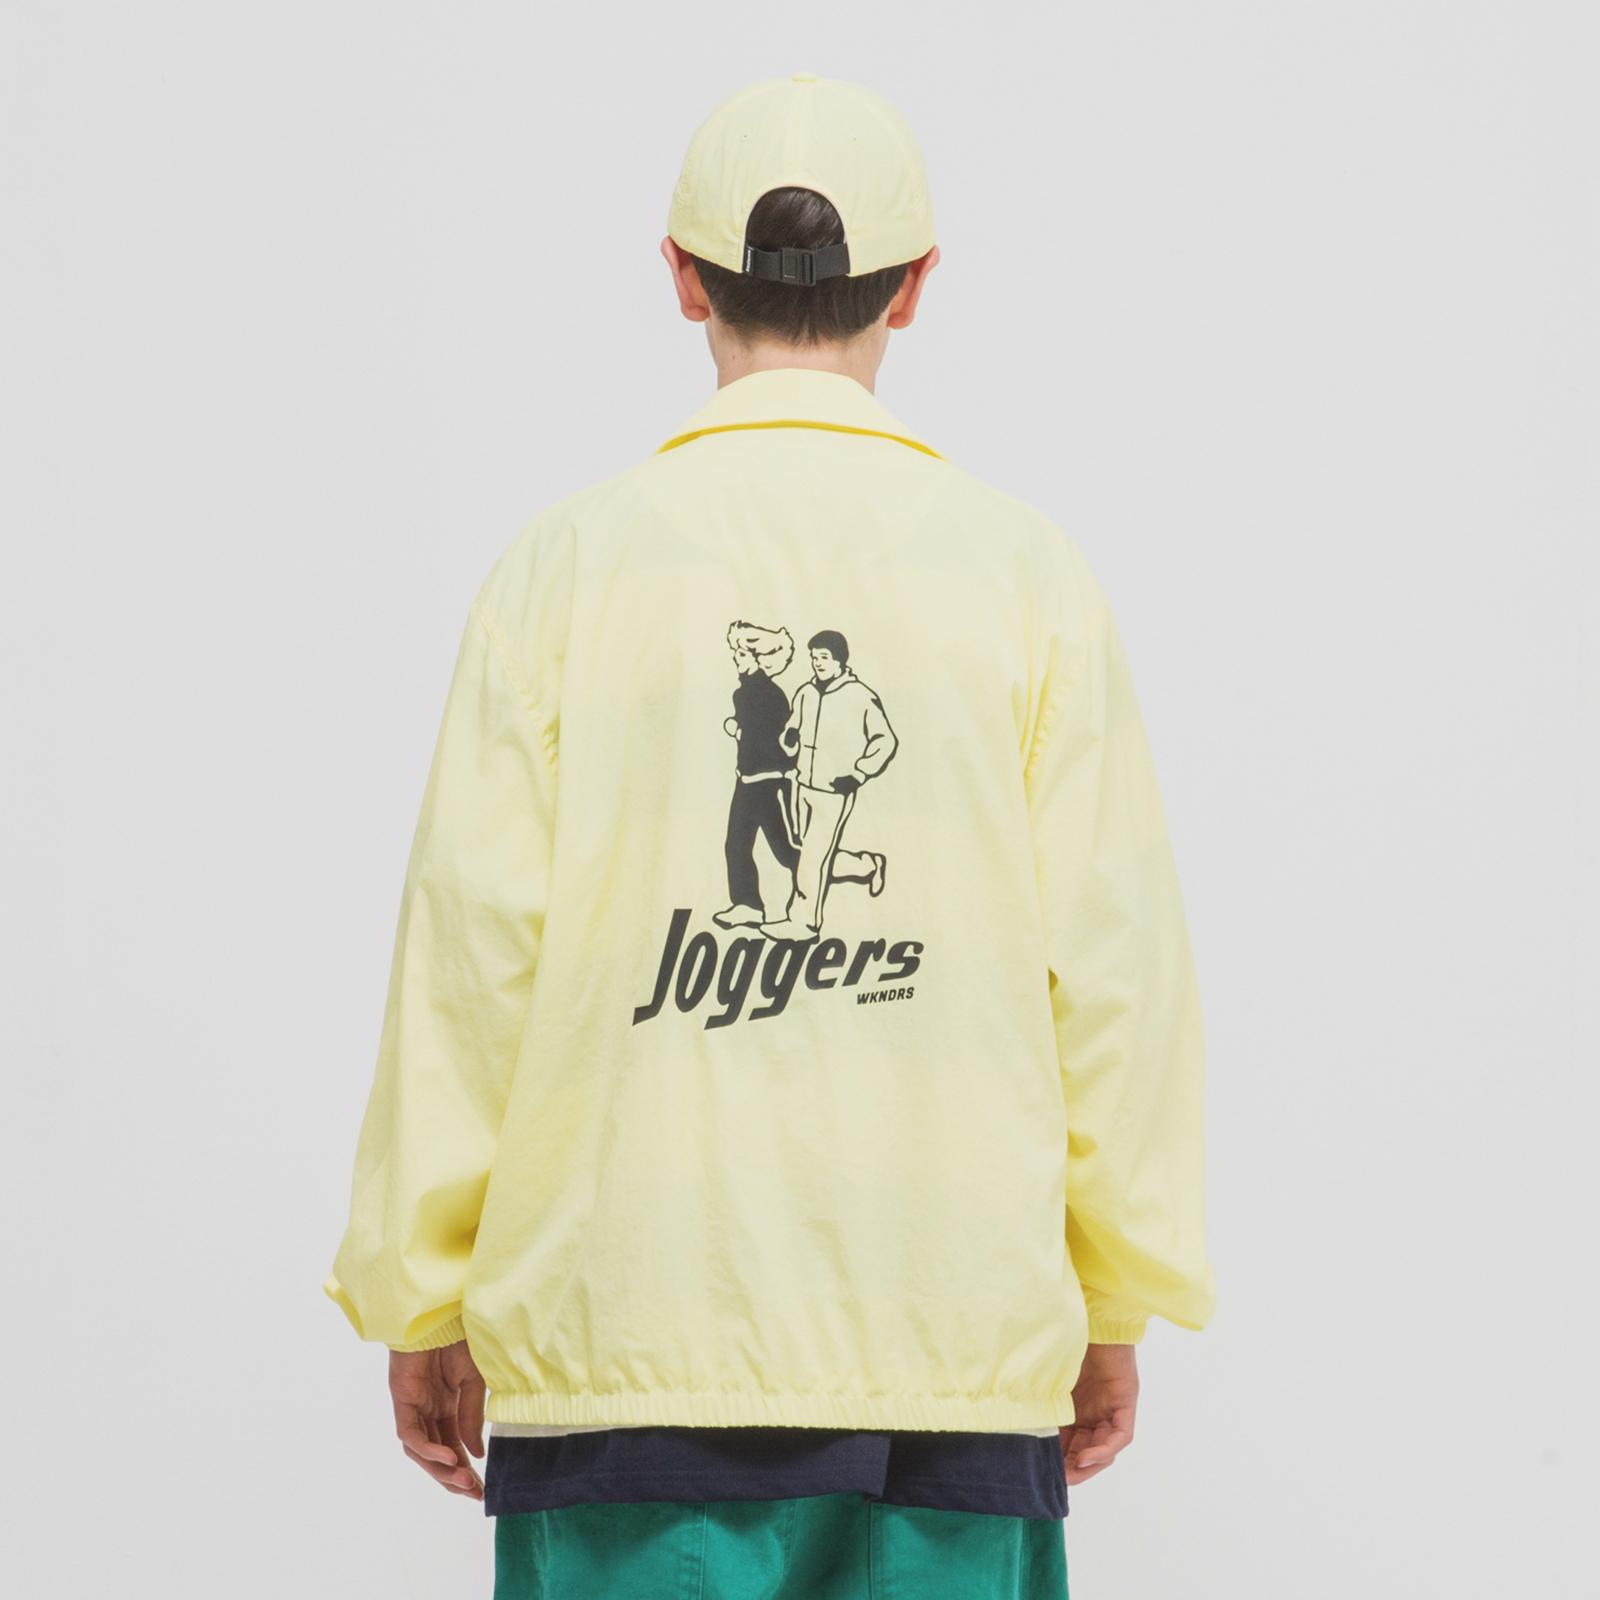 [위캔더스] JOGGERS BLOUSON L.YELLOW